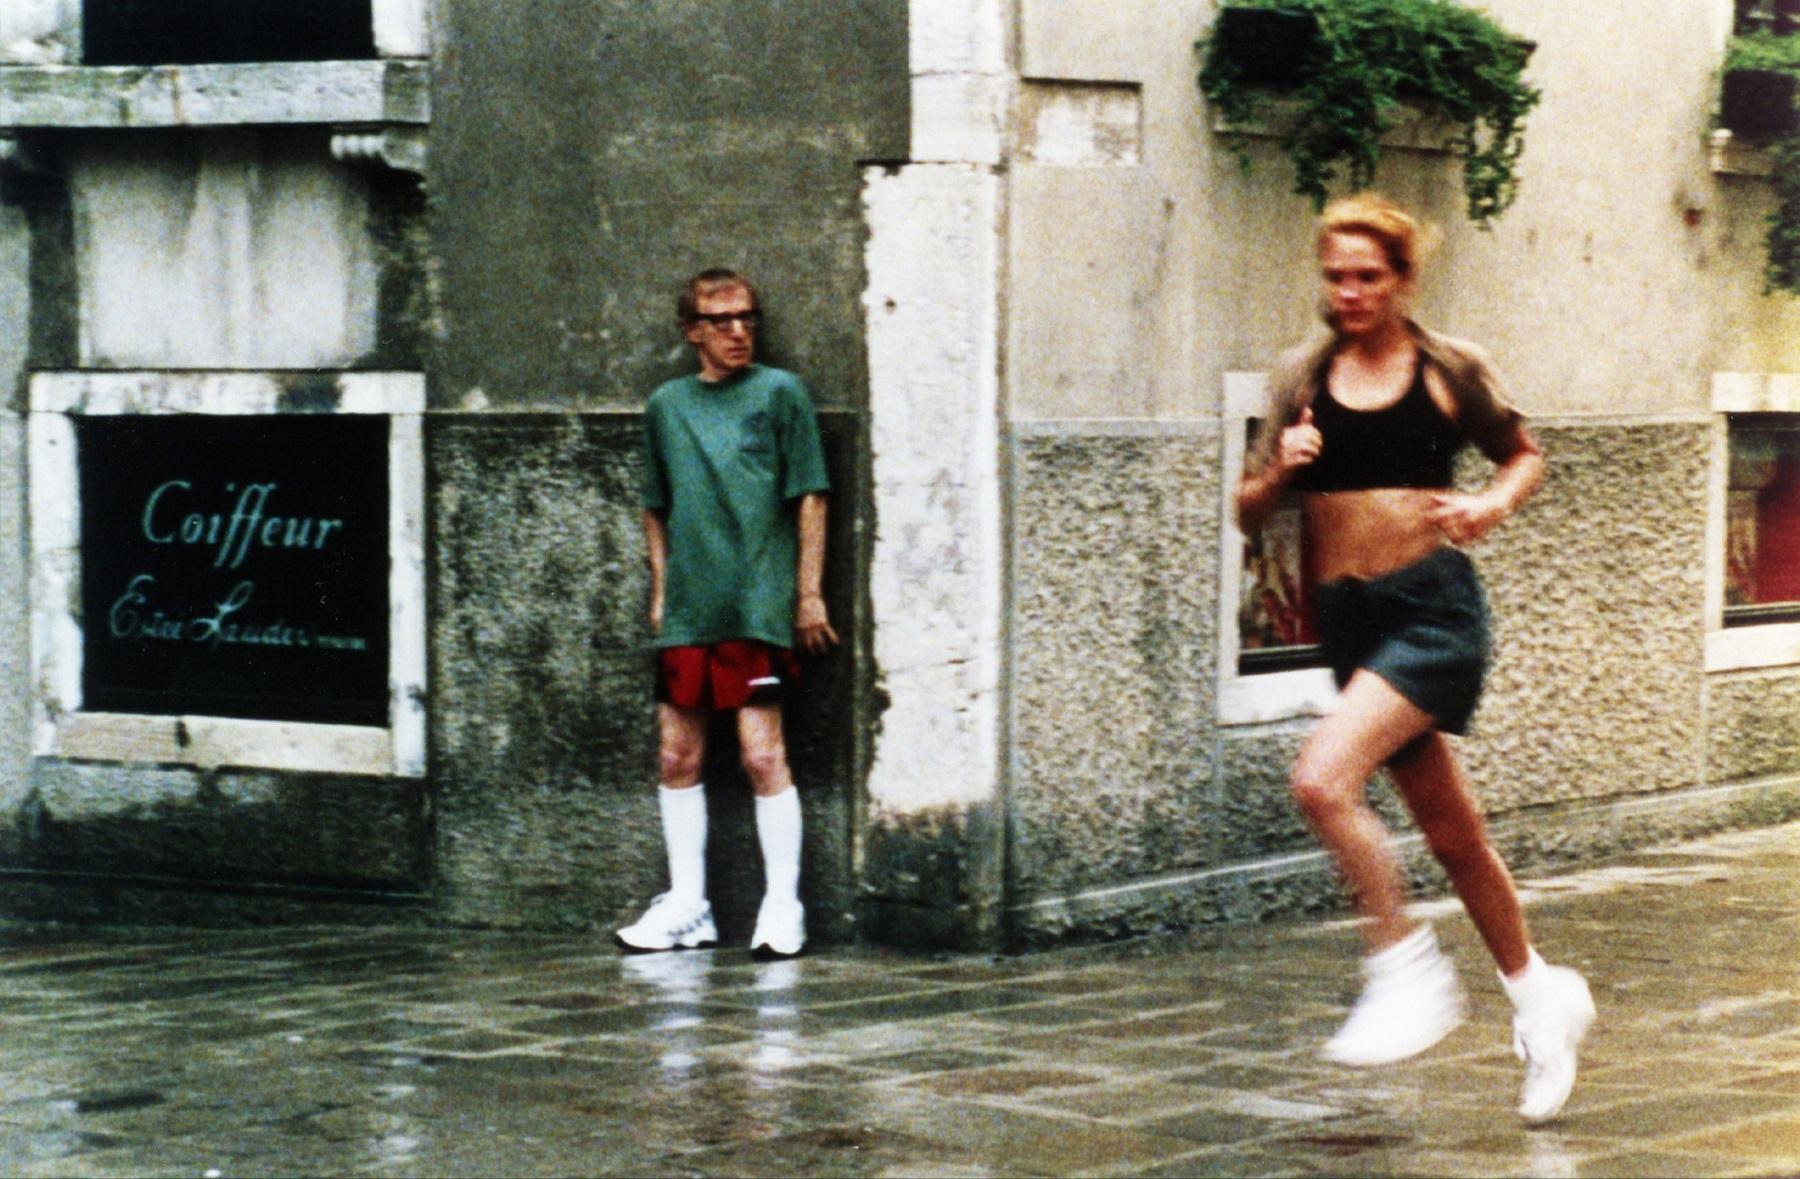 Estar de férias em Los Angeles e ver a Julia Roberts passando na rua. é um episódio para entrar na galeria de troféus. Foto Miramax Films